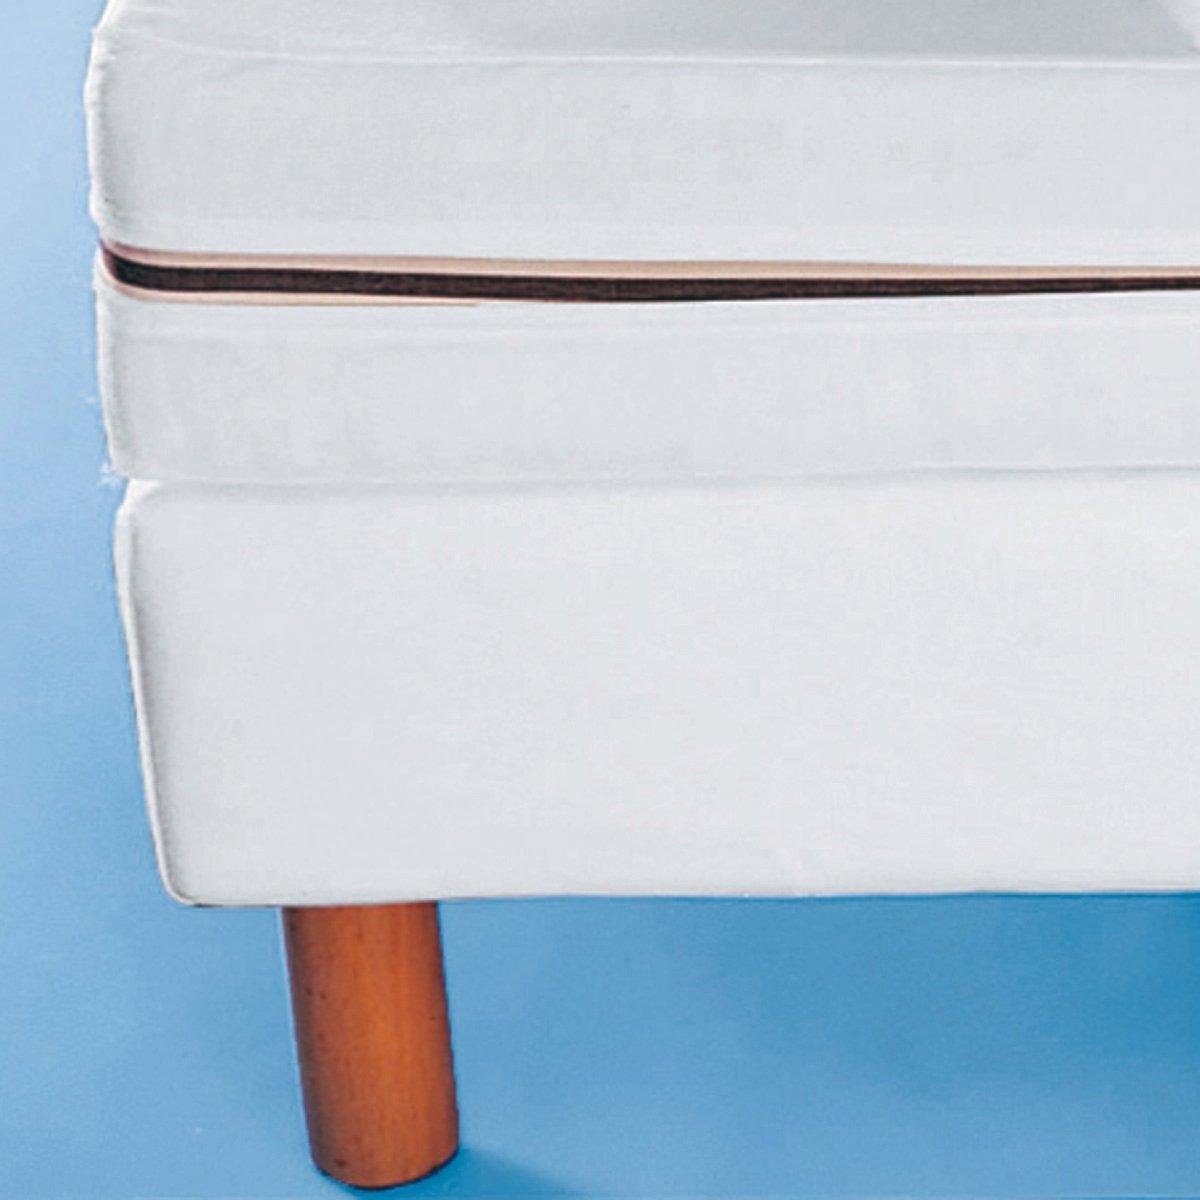 Чехол для кроватиОбновите кровать с помощью чехла из нетканого материала, 100% полиэстера. Эластичные края. Простой уход: машинная стирка при 40°, не нужно гладить. Для боковин от 10 до 20 см.<br><br>Цвет: белый,синий/ белый